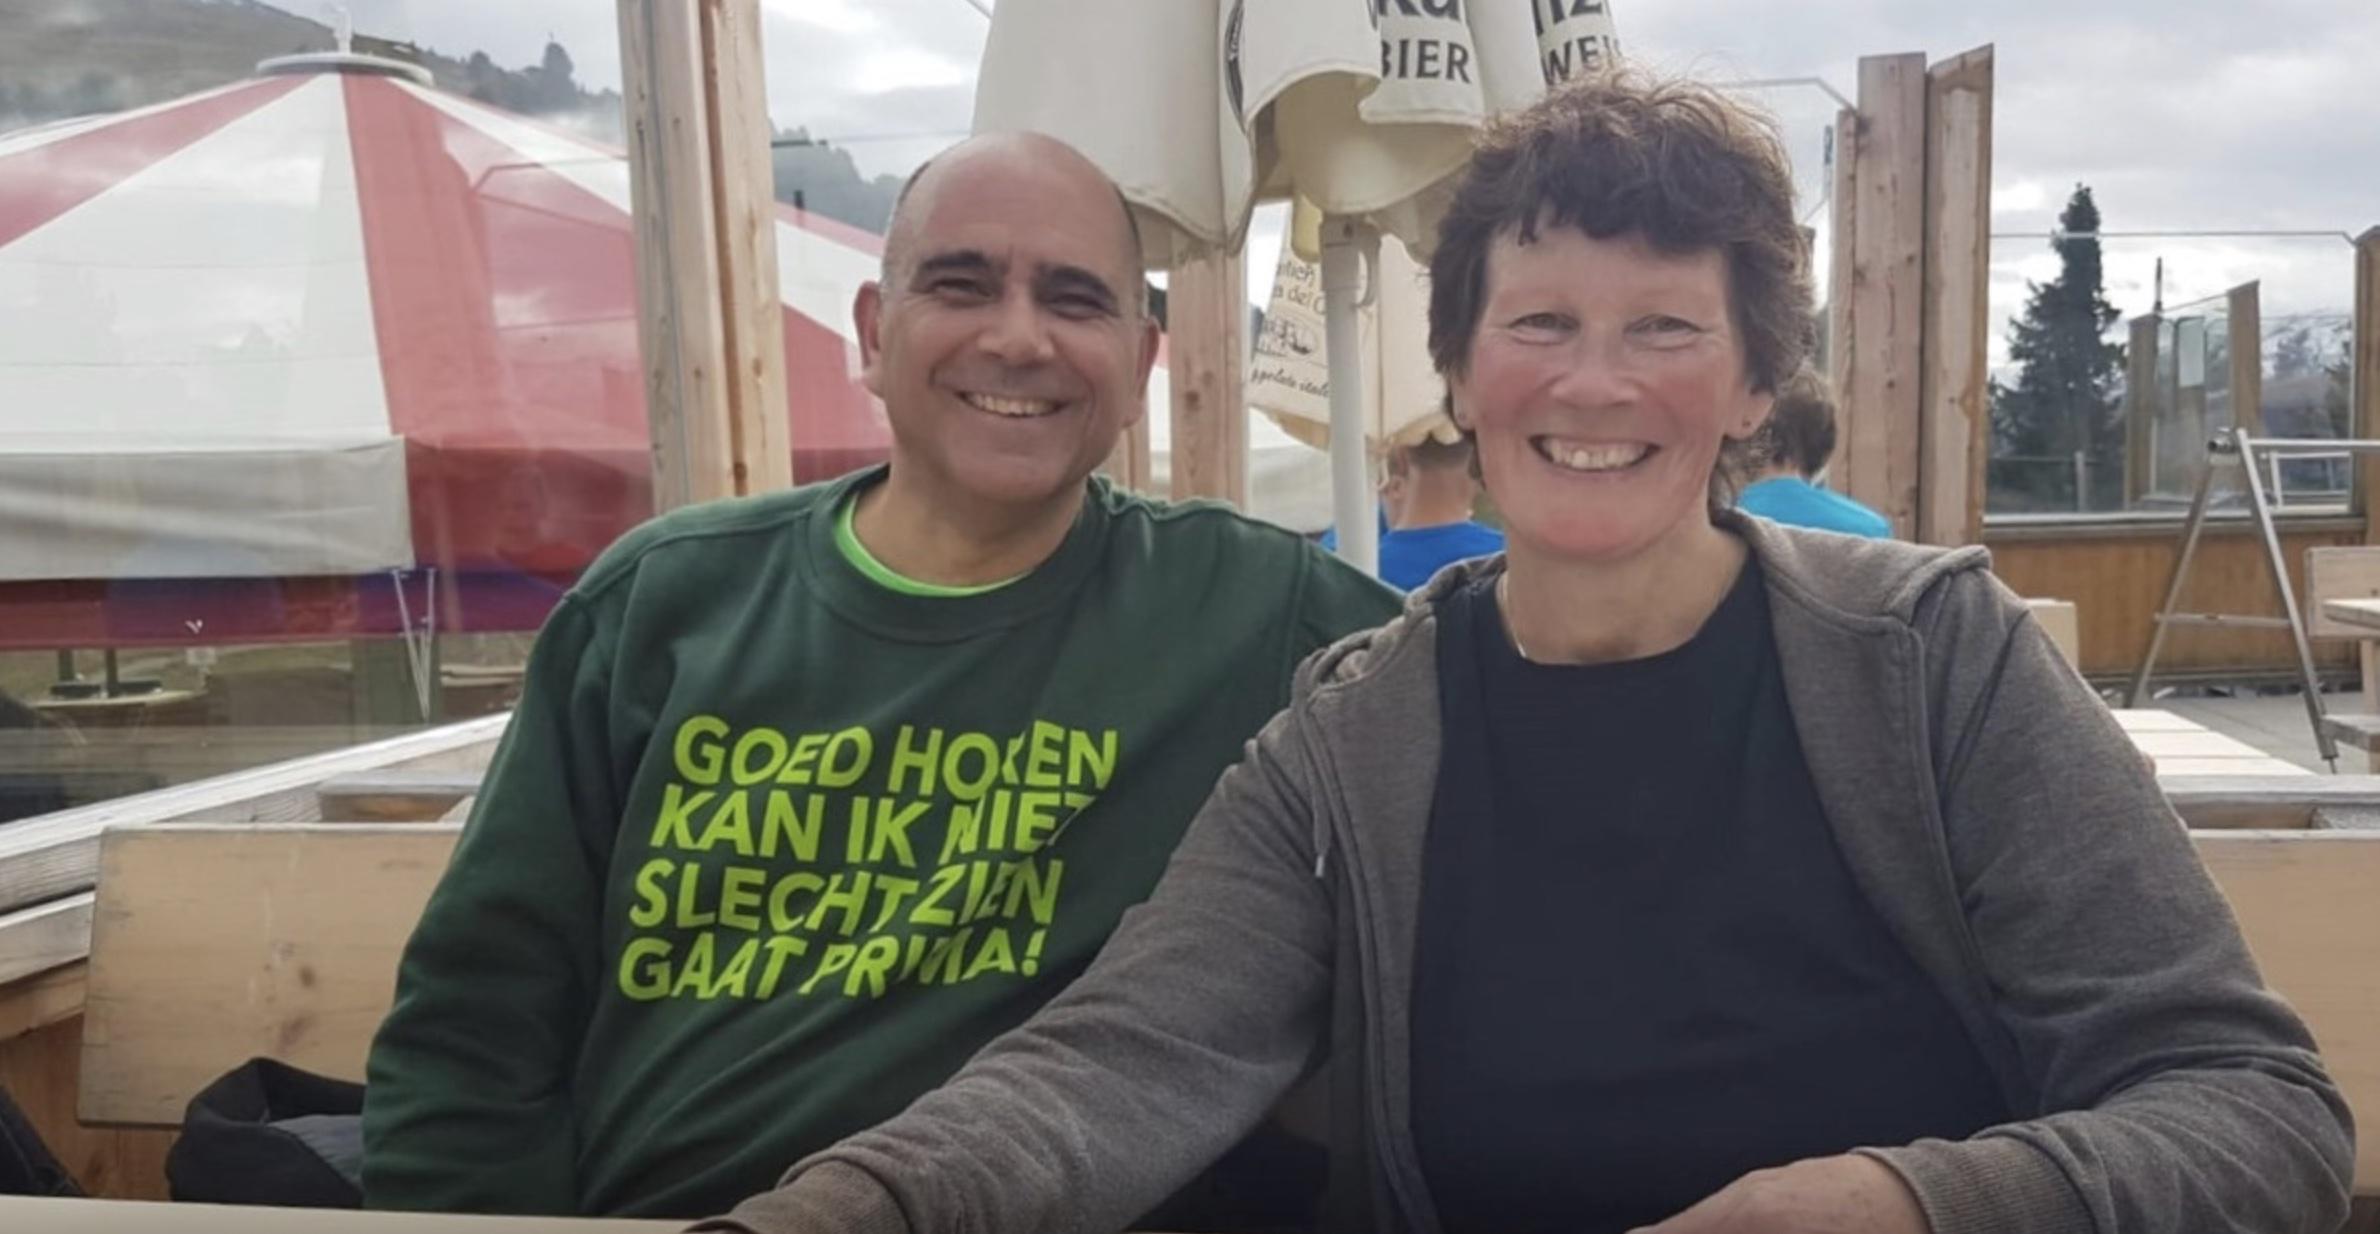 Peter samen met zijn vrouw. Hij draagt een trui met de tekst: Goed horen kan ik niet, slecht zien kan ik prima